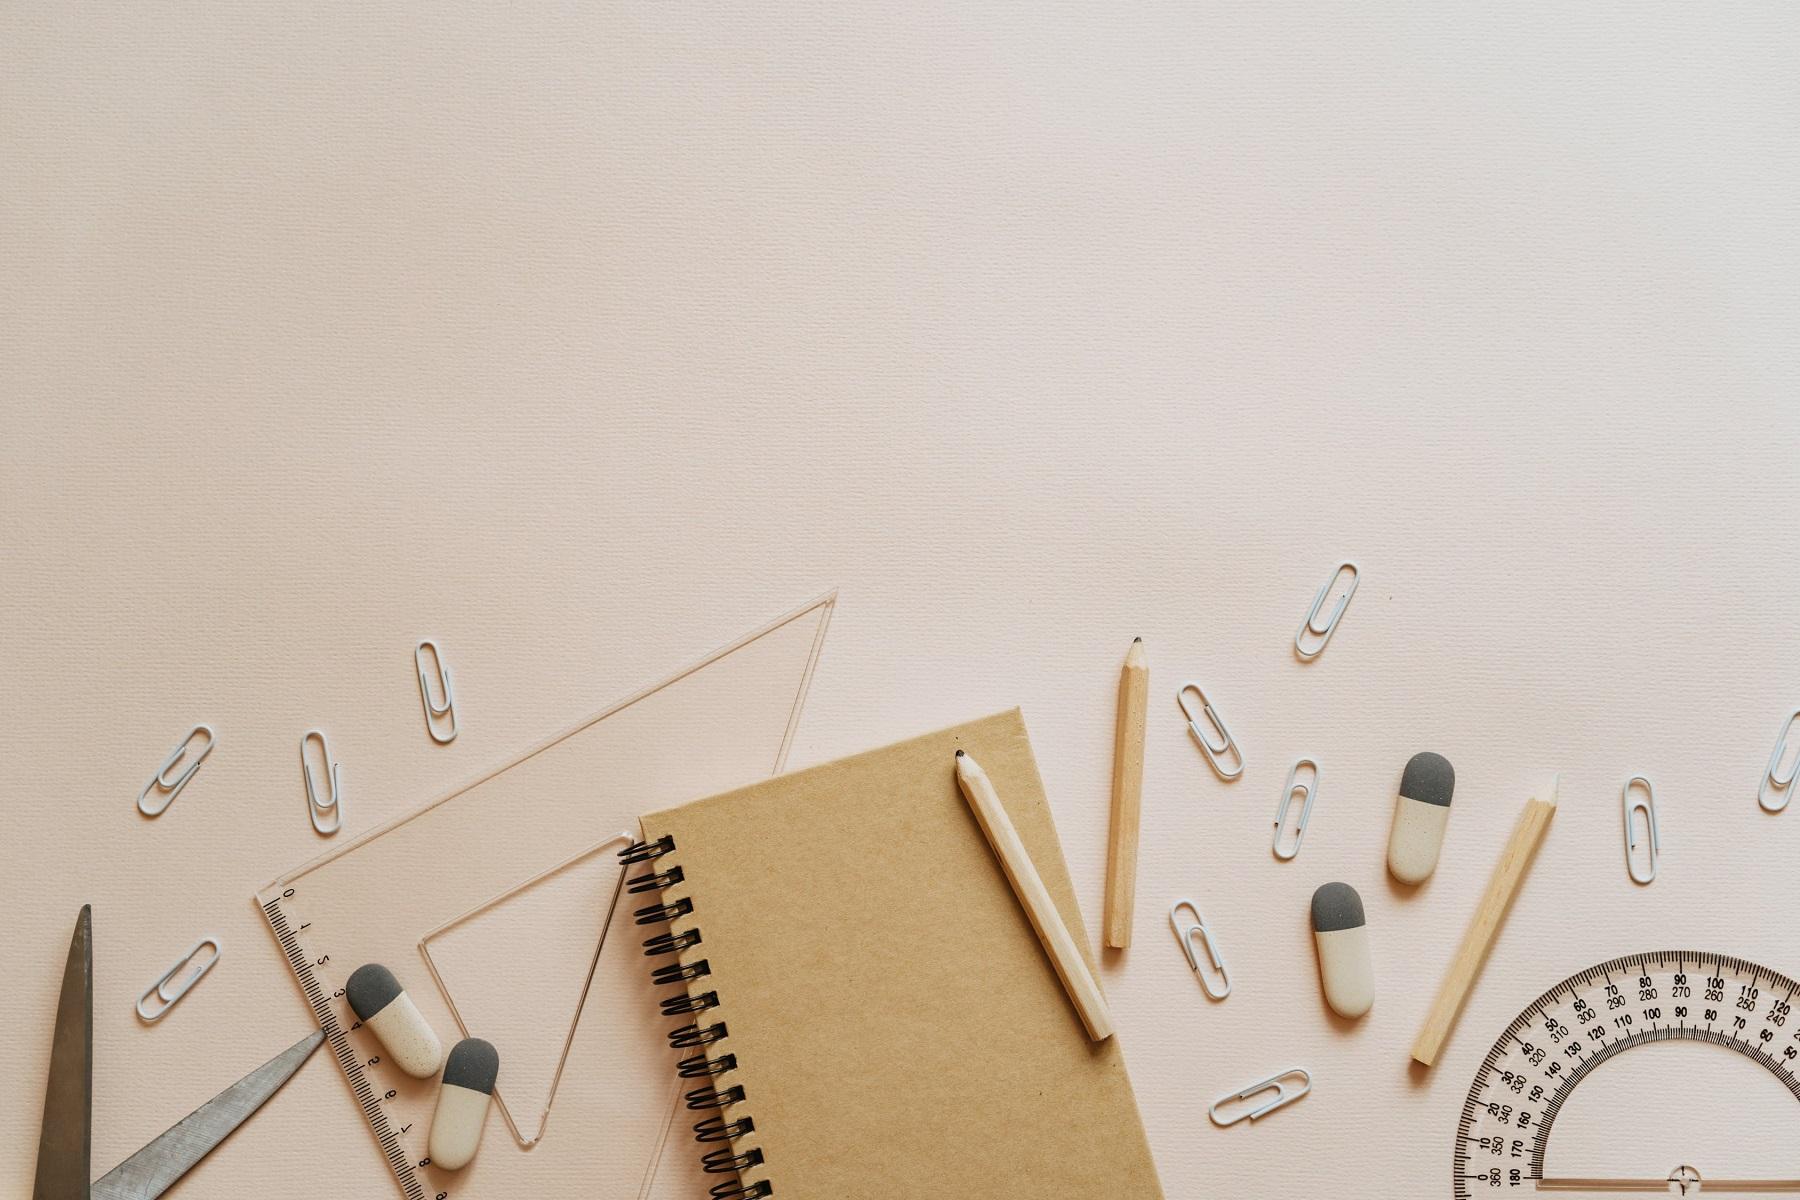 Як навчити дитину робити домашнє завдання? Чим це допоможе в житті і майбутній кар'єрі?